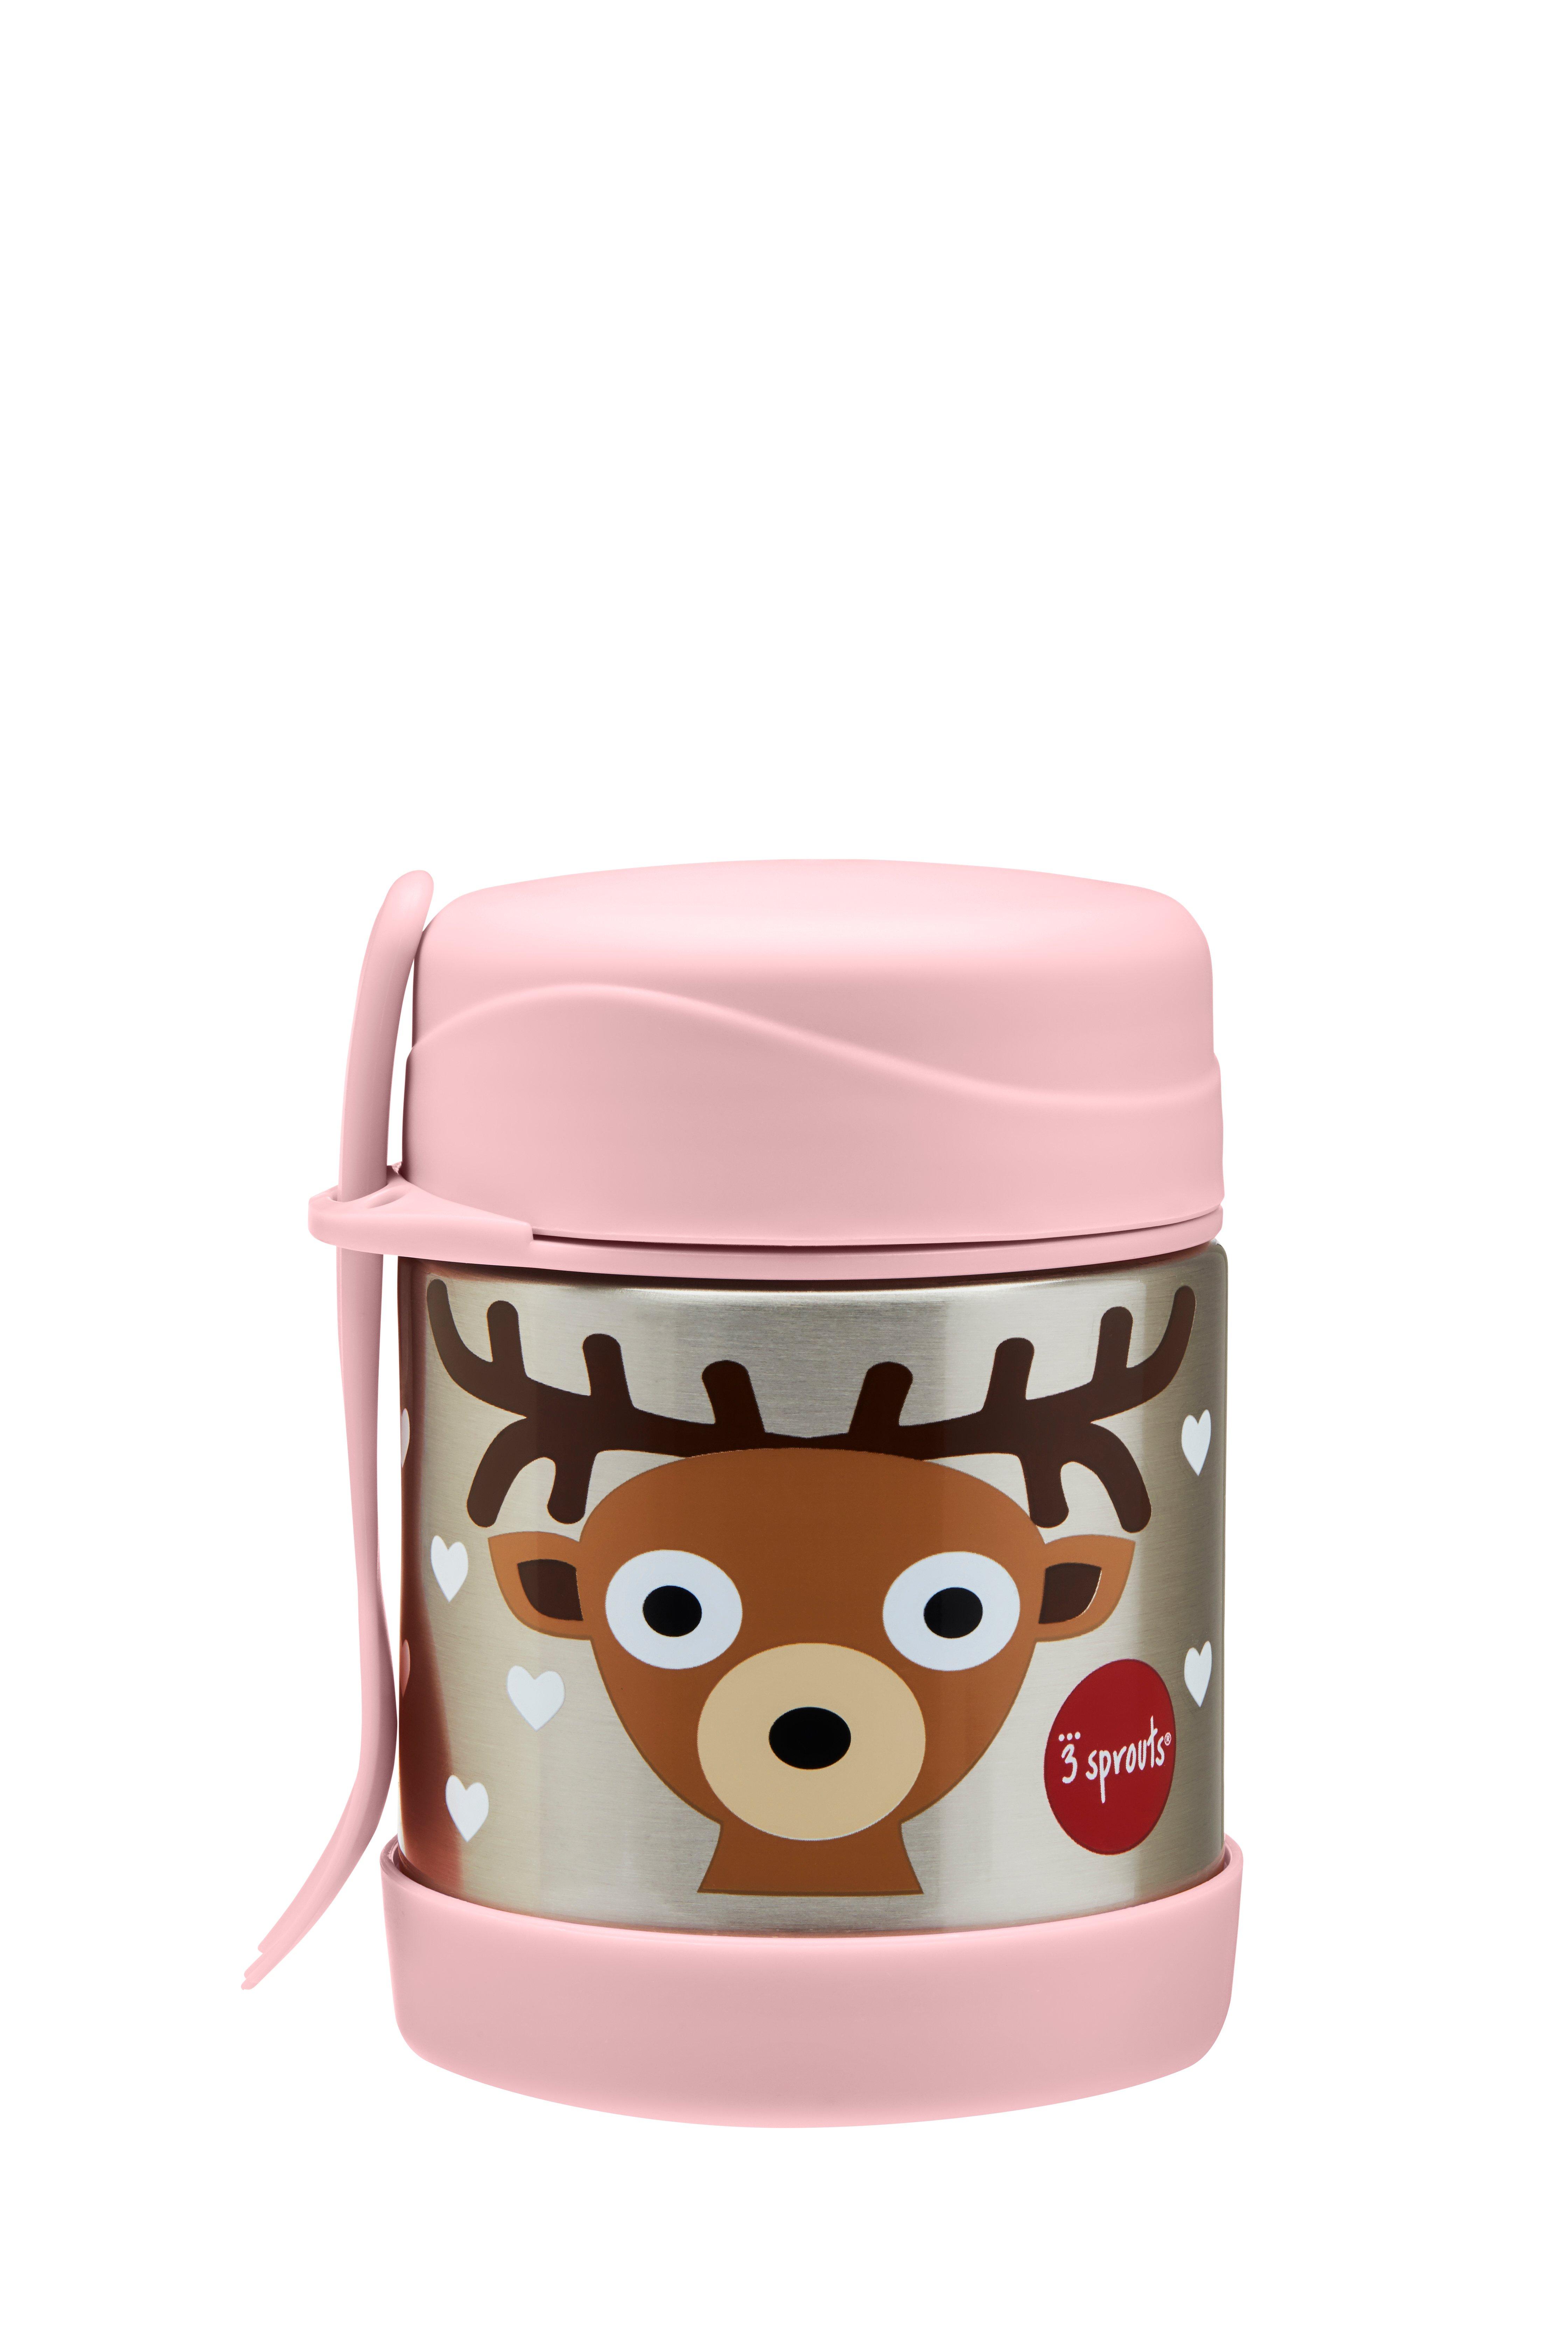 3 Sprouts - Stainless Steel Food Jar and Spork - Pink Deer